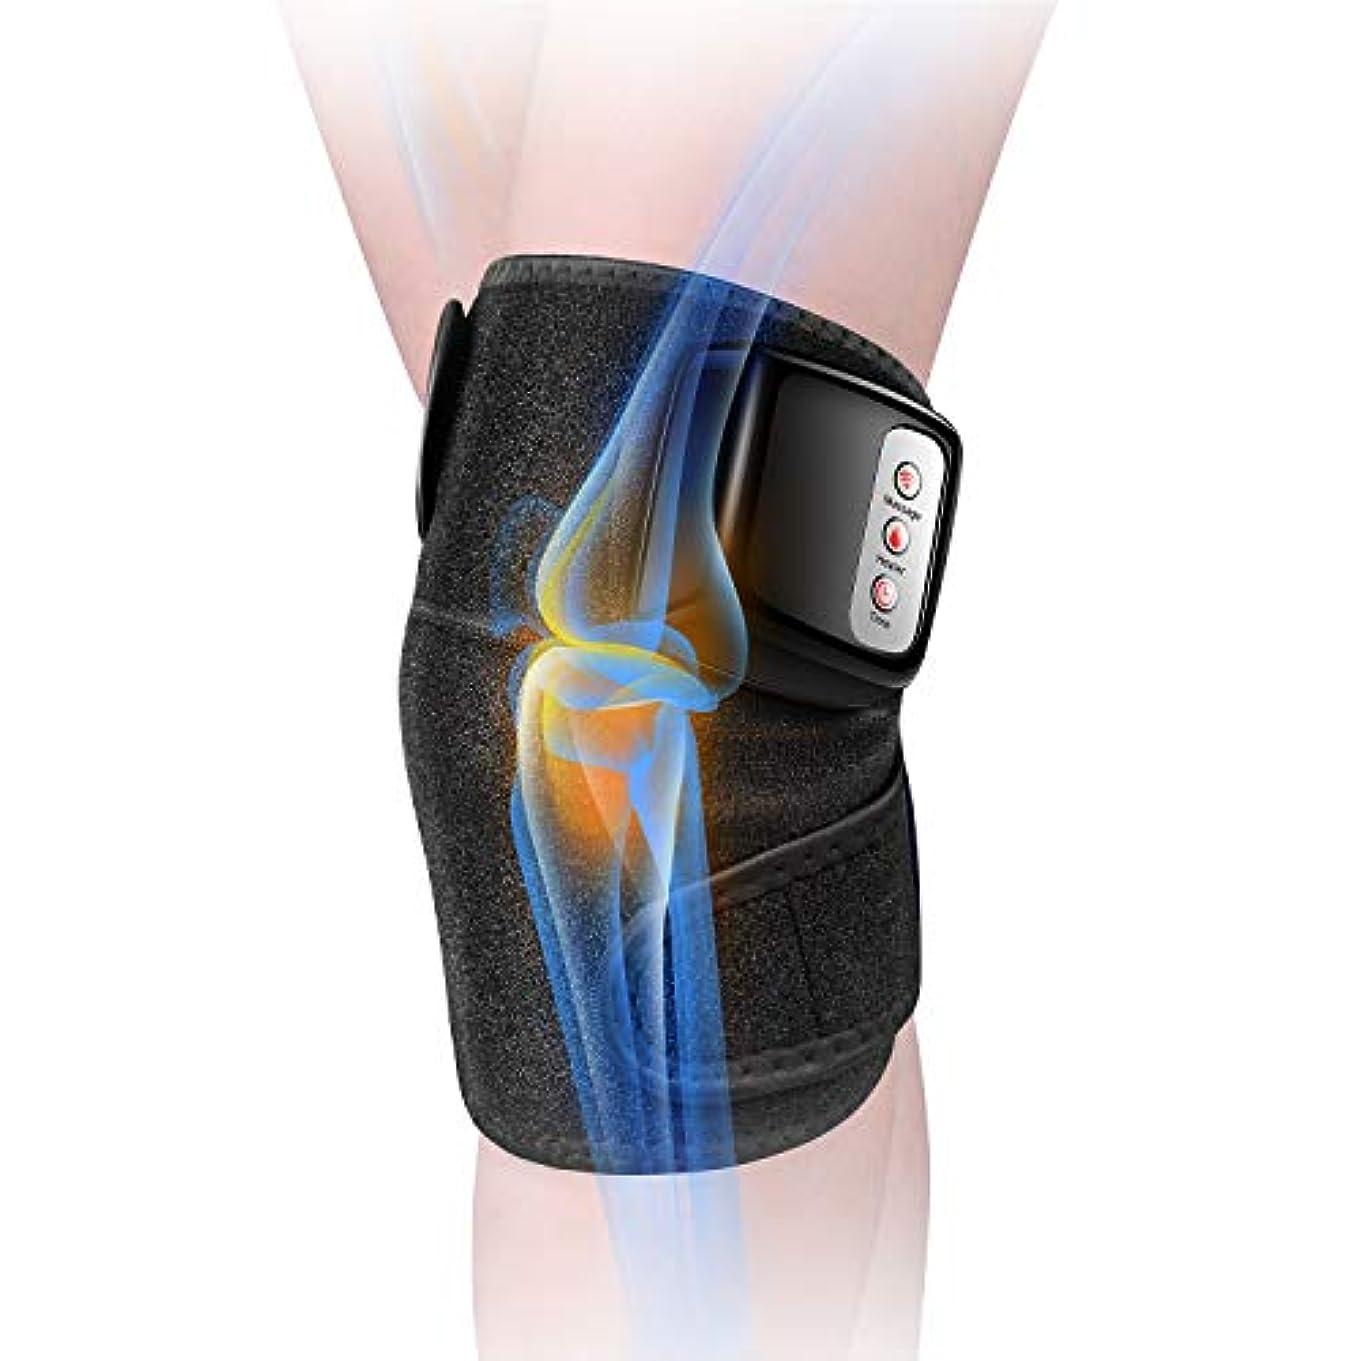 講師病弱資料マッサージ器 フットマッサージャー 膝マッサージャー ひざ 太もも 腕 肩 肘 ヒーター付き 振動 マッサージ機 レッグマッサージャー 通気性 赤外線療法 膝サポーター ストレス解消 温熱マッサージ